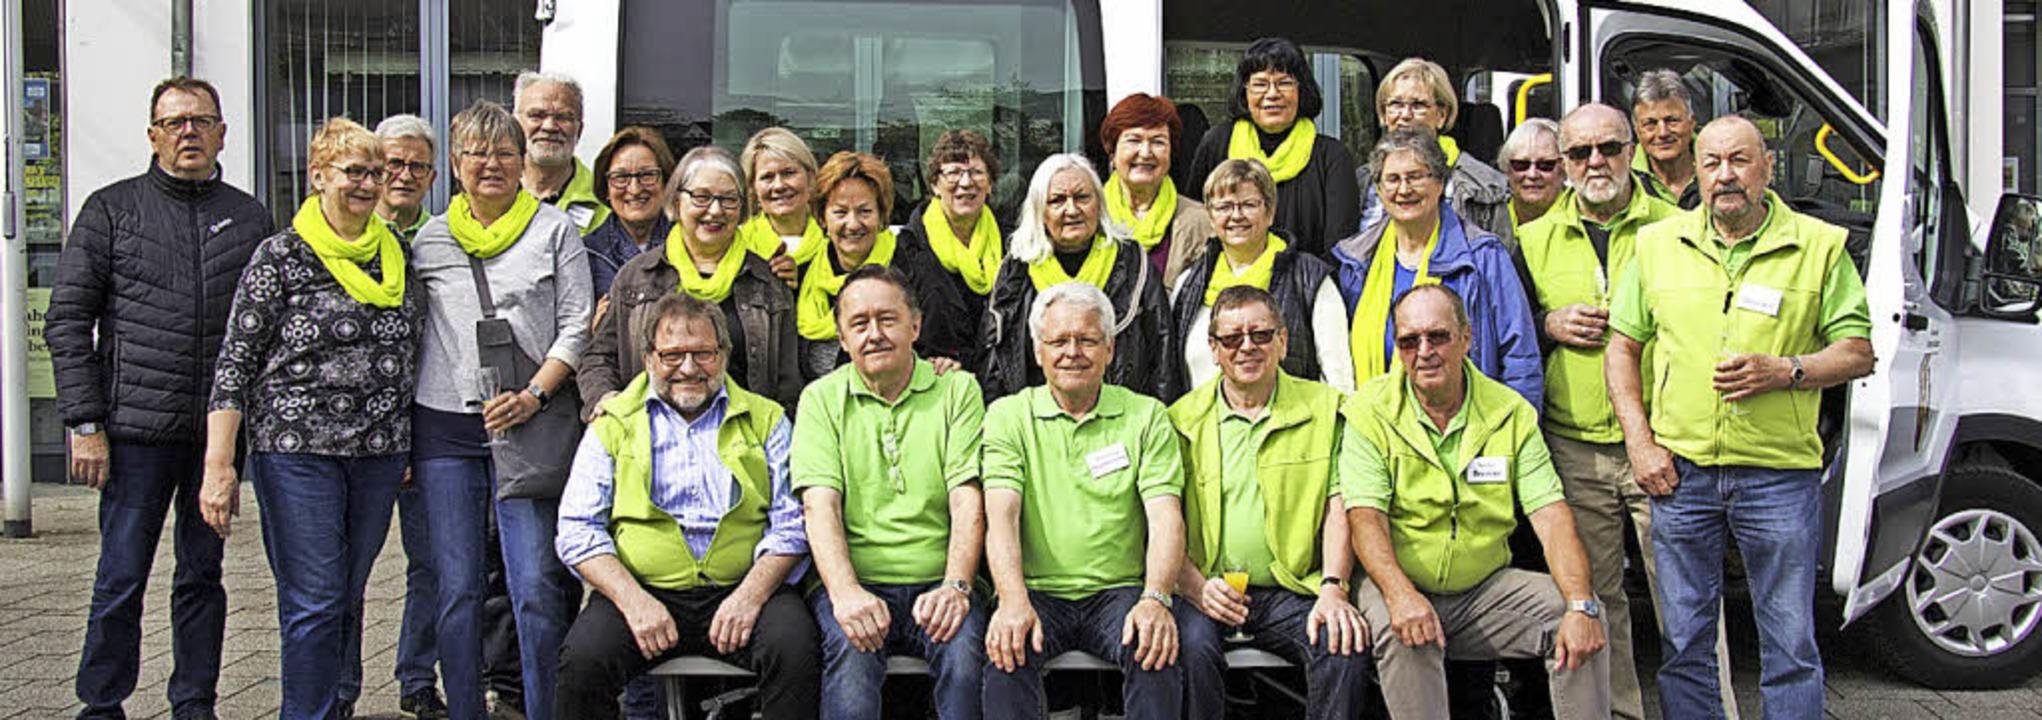 Die Mobilisierungskampagne des Bürgerb...dem Projekt und votierten auch dafür.     Foto: Breuer